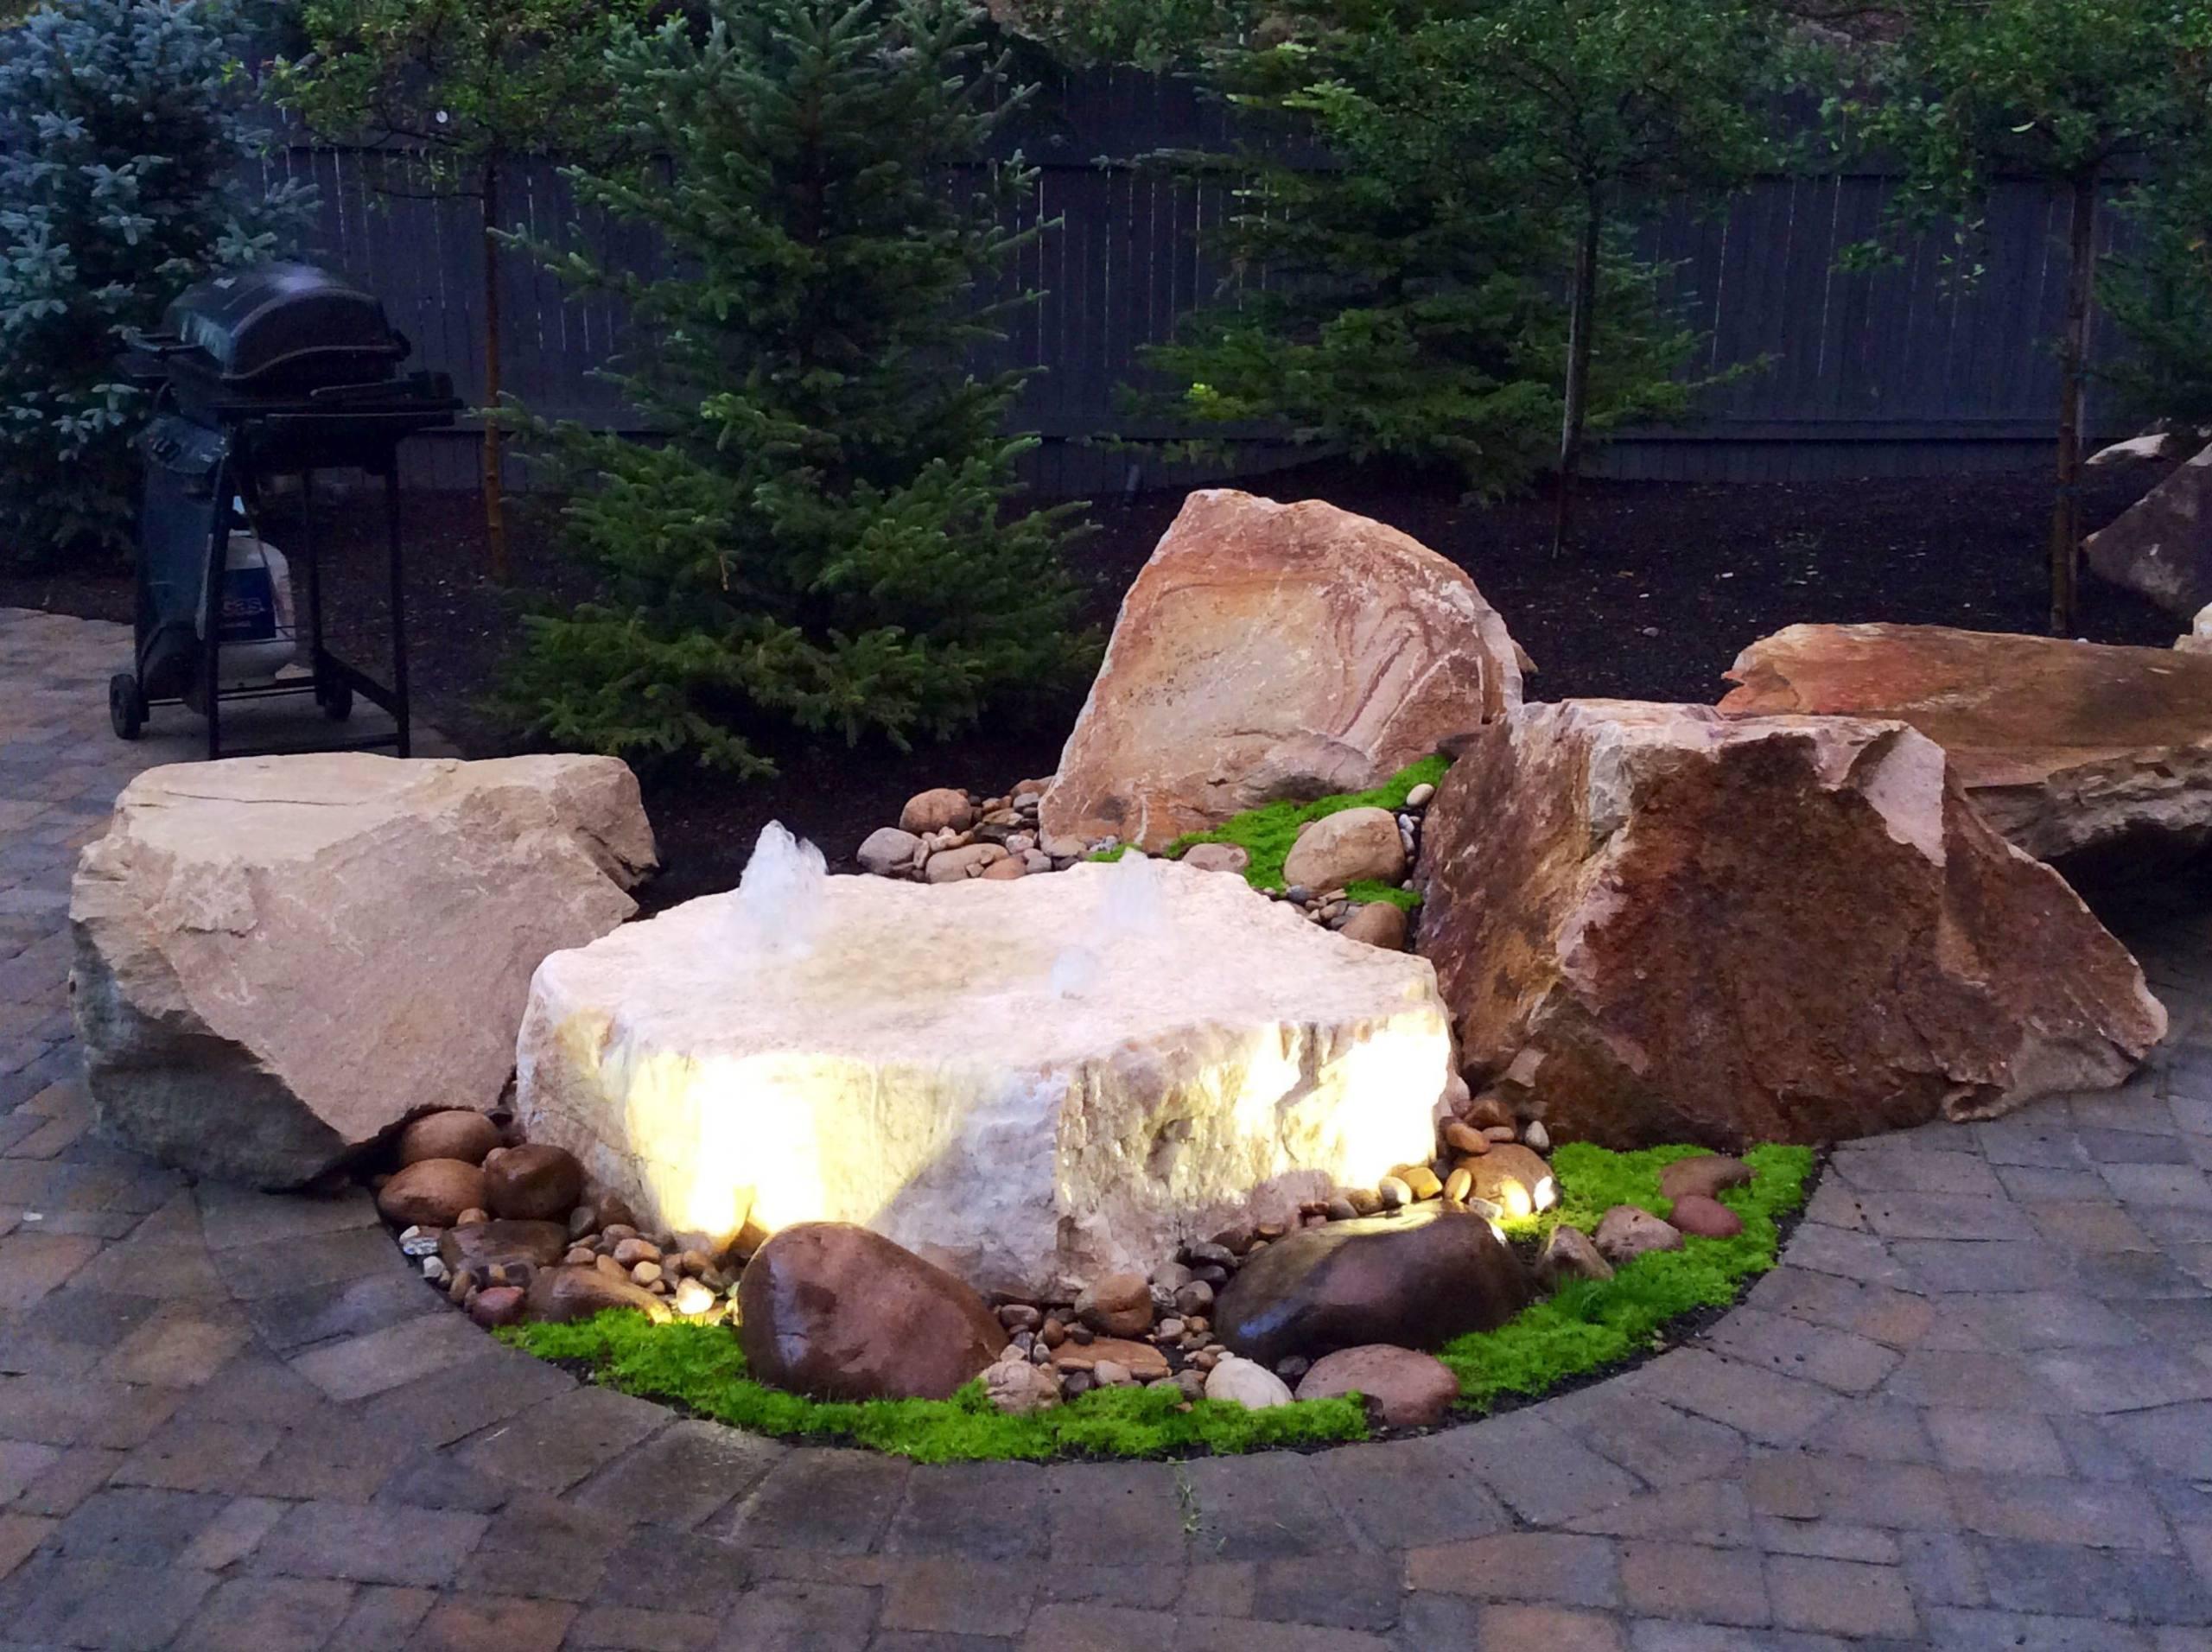 A Quartz rock fountain